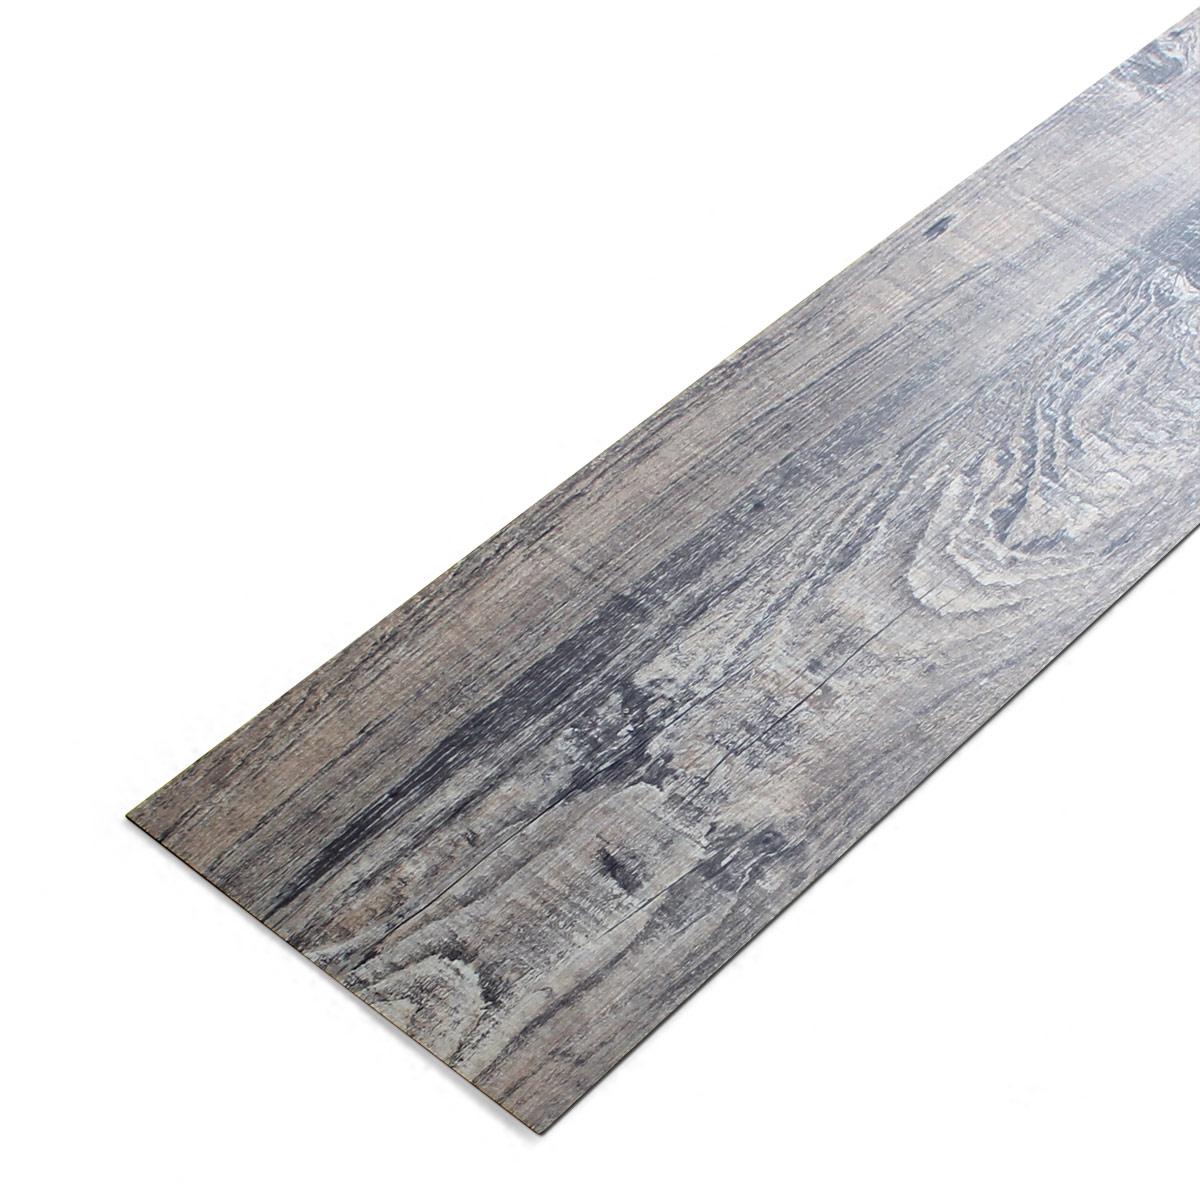 Neuholz 20 M Vinyl Laminatlen Planken Eiche Altholz